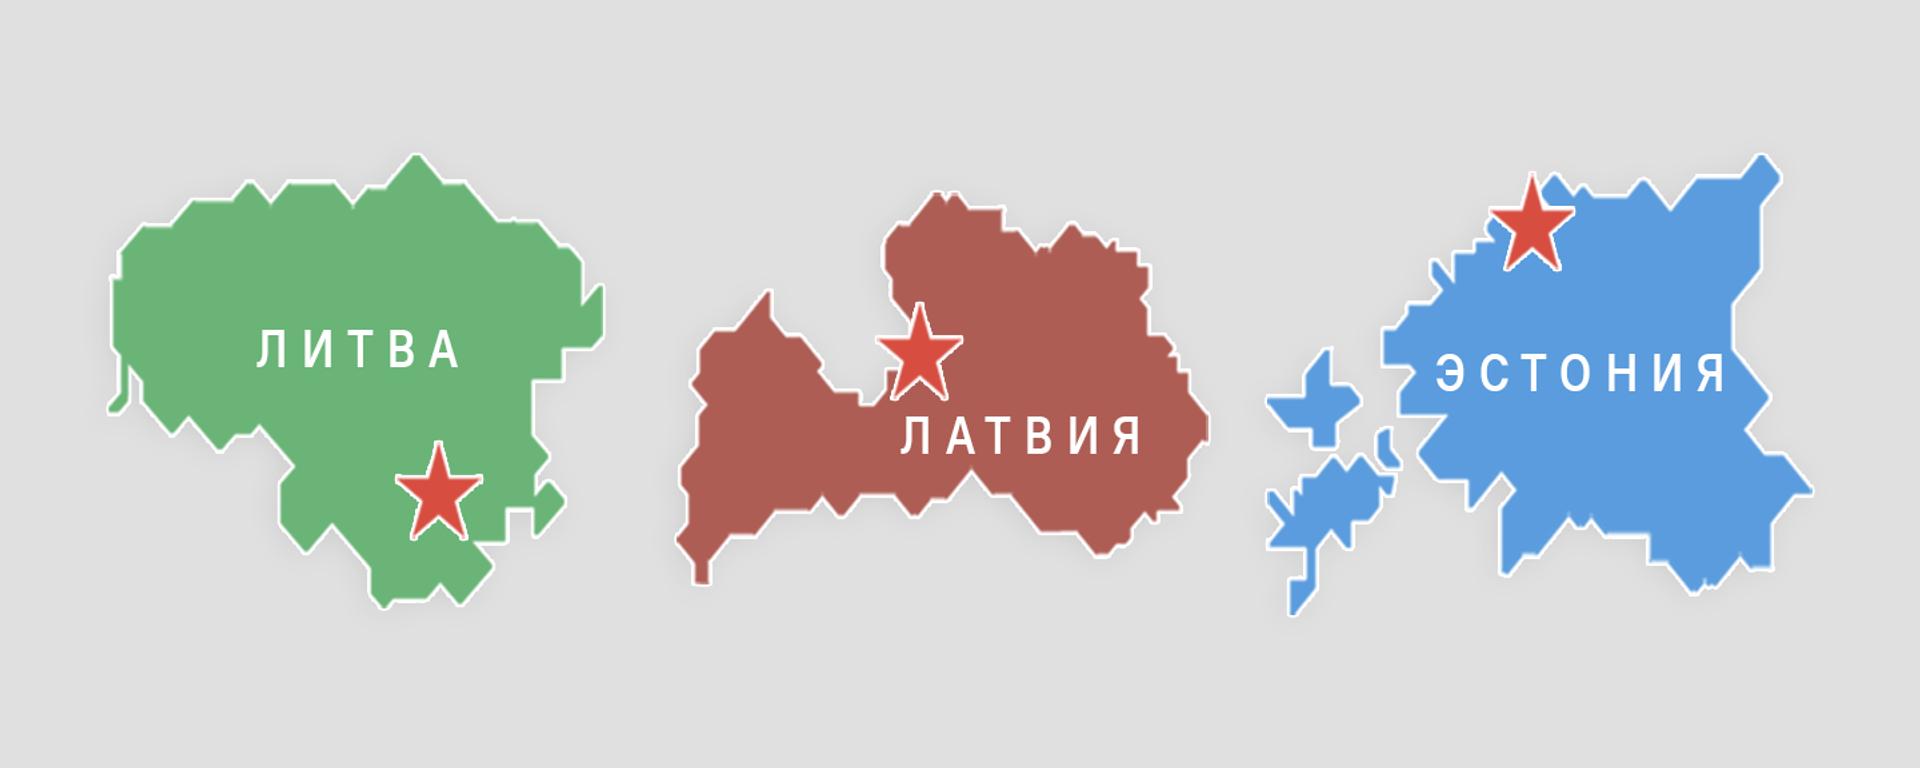 Численность населения стран бывшего СССР - Sputnik Латвия, 1920, 07.08.2021